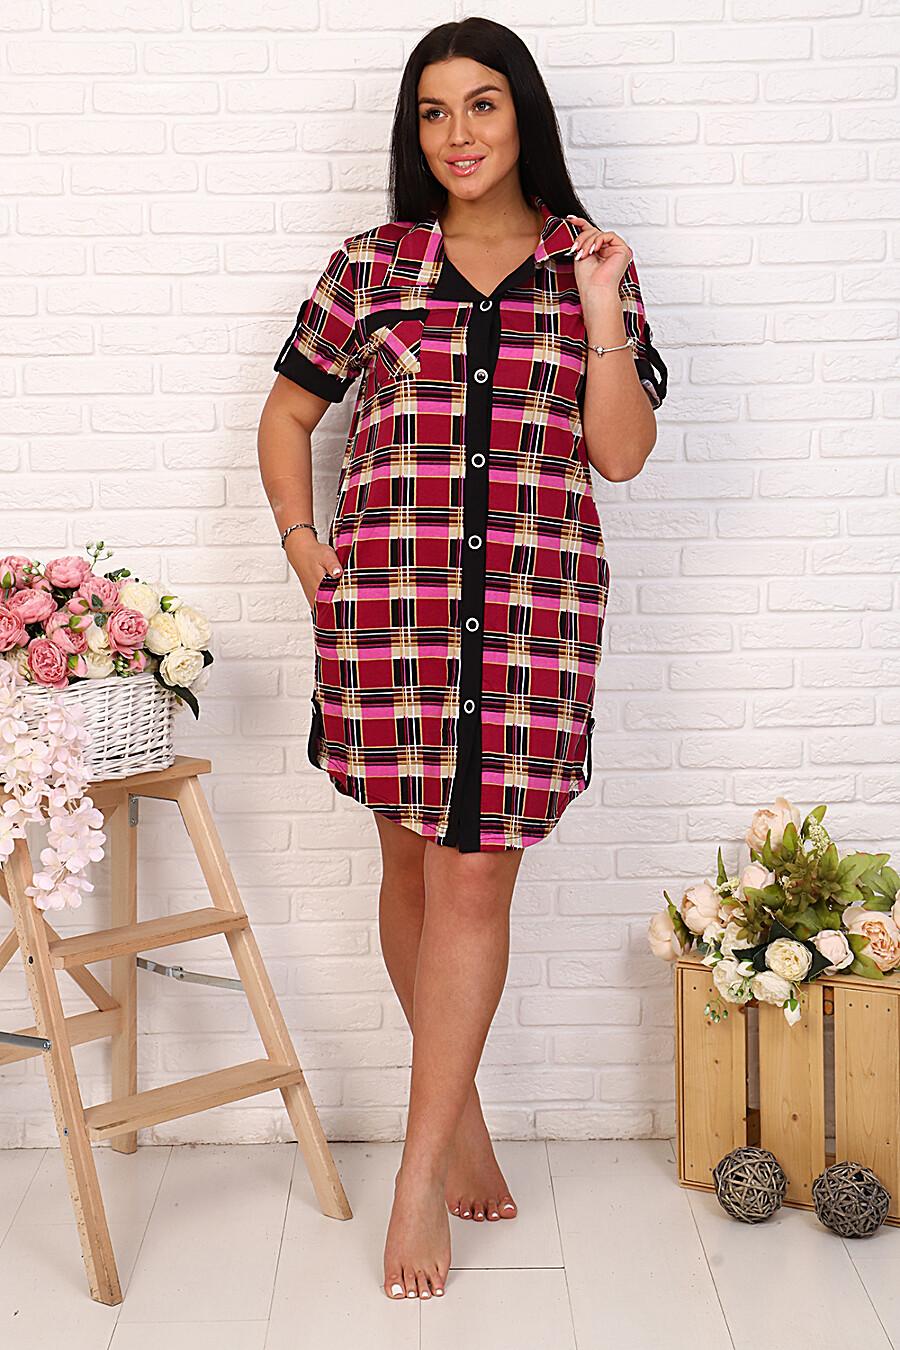 Туника 4679 для женщин НАТАЛИ 649289 купить оптом от производителя. Совместная покупка женской одежды в OptMoyo